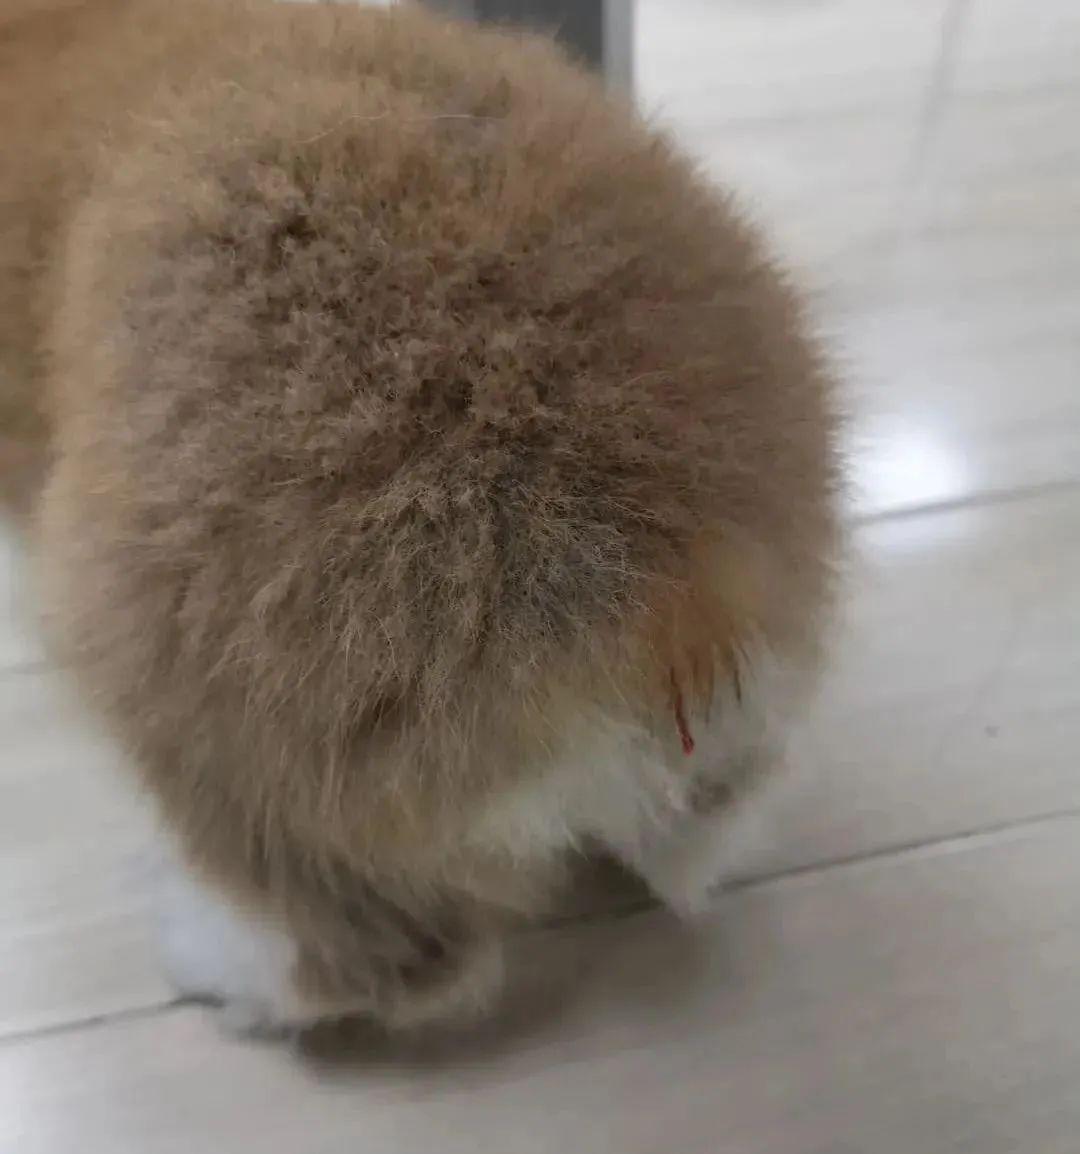 猫咪的隐形杀手犬细小【图】_猫猫健康_太平洋时尚网